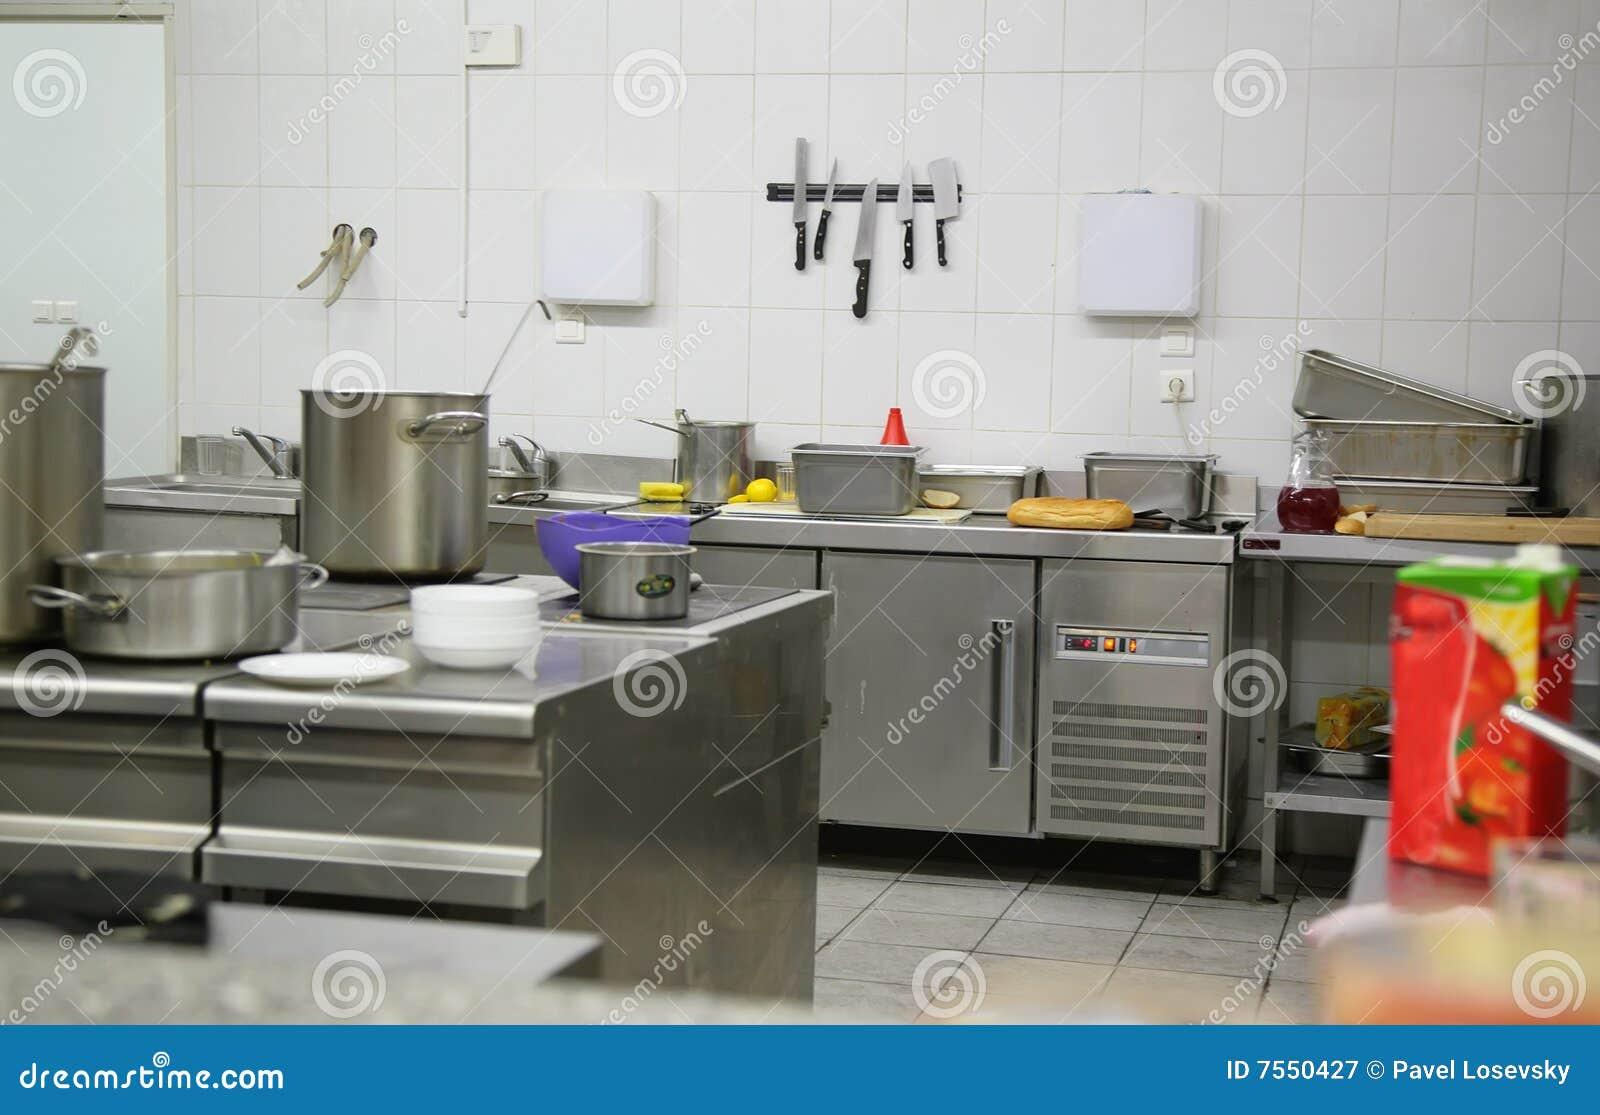 Cozinha Industrial Imagem De Stock Imagem De Comercial 7550427